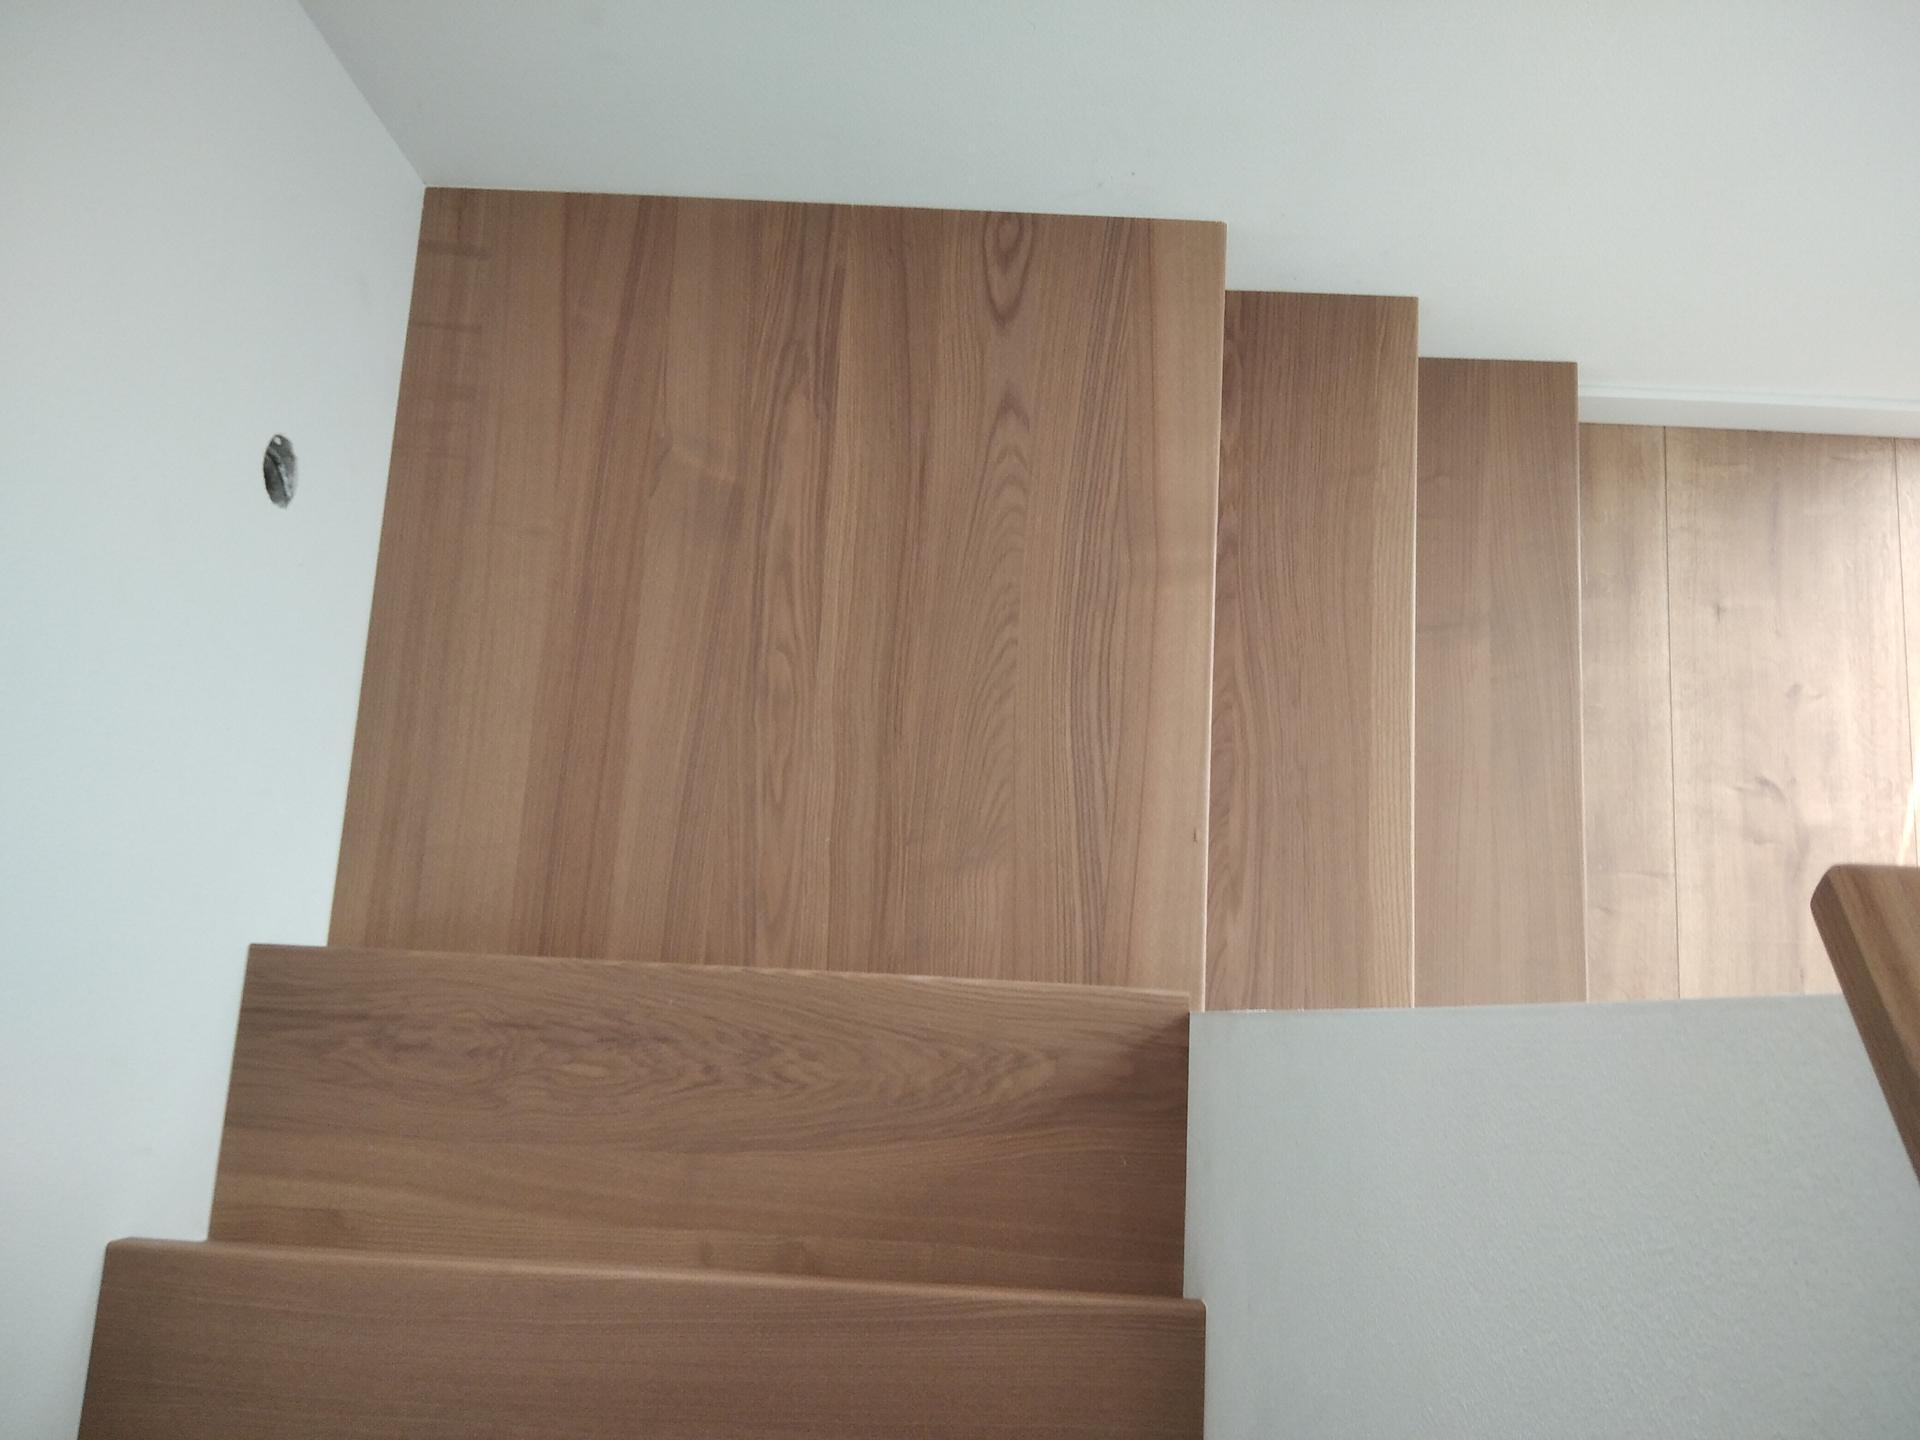 výroba drevených schodov a zábradlia na mieru - Obrázok č. 3